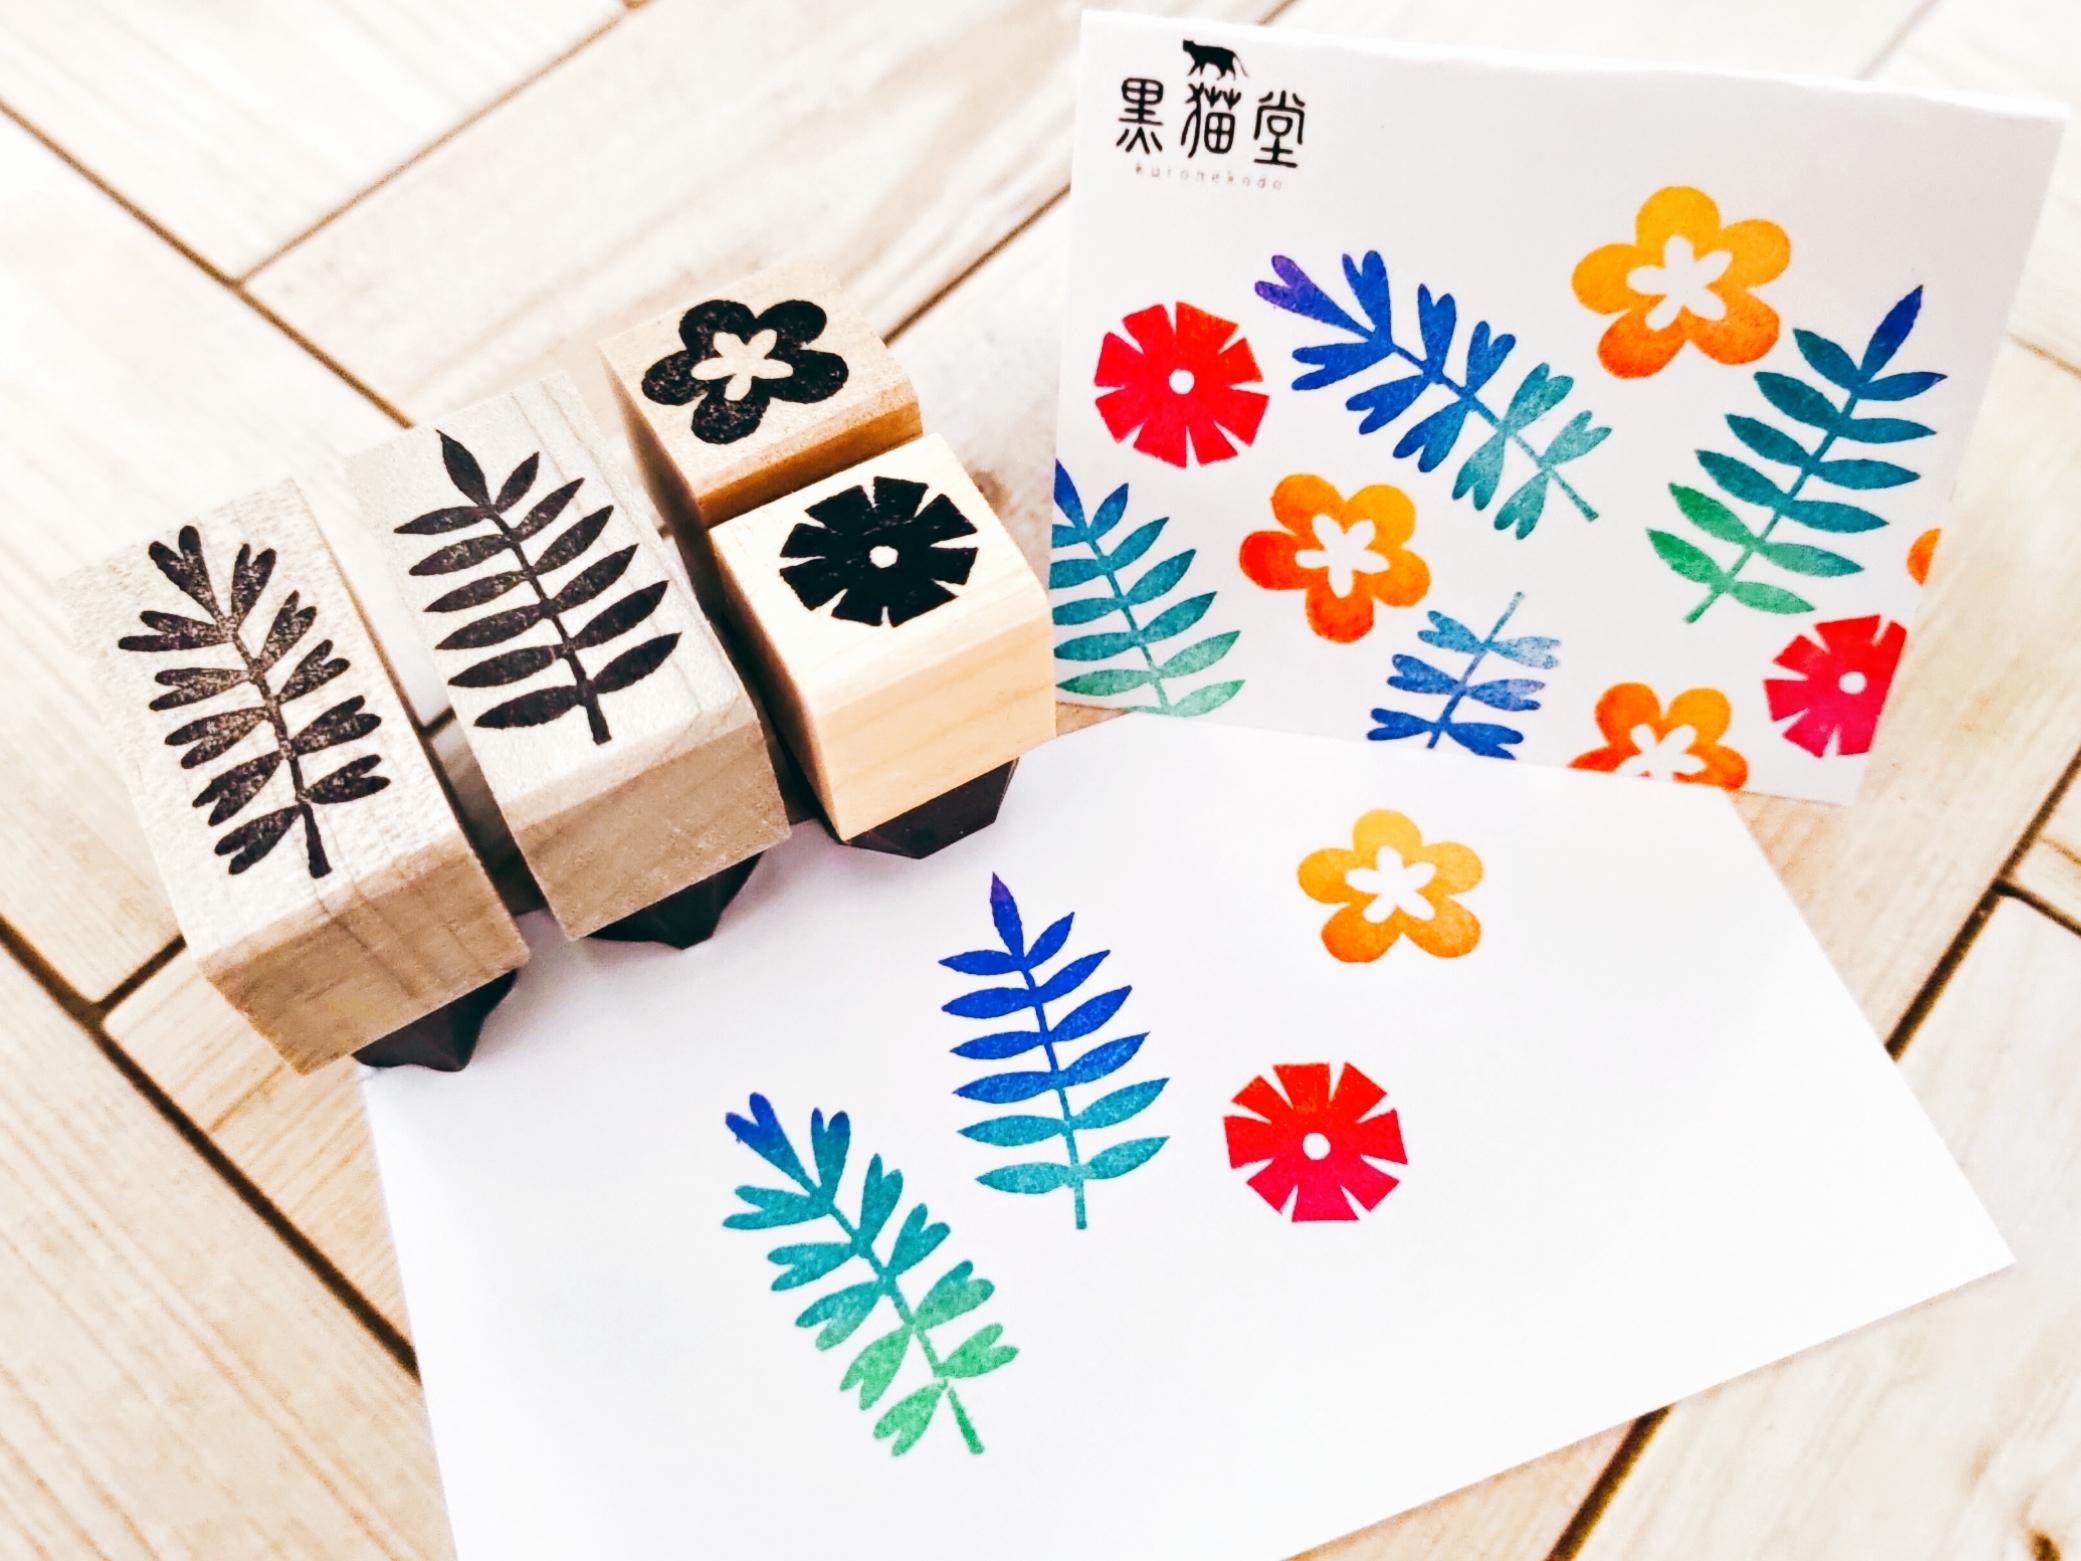 シンプル植物セット③